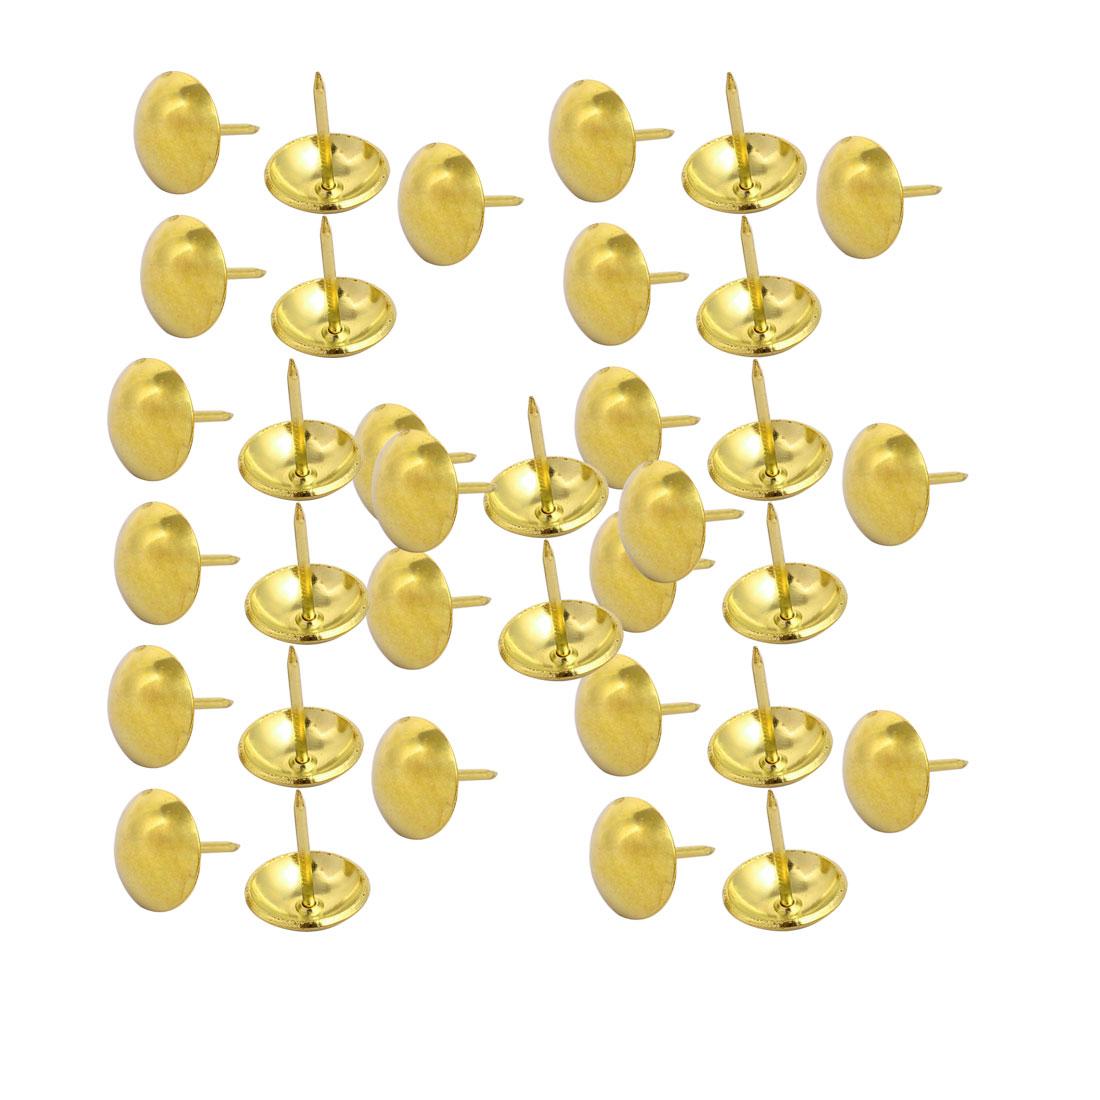 19mm Dia Round Head Thumbtack Upholstery Decorative Nail Tack Push Pin 35PCS